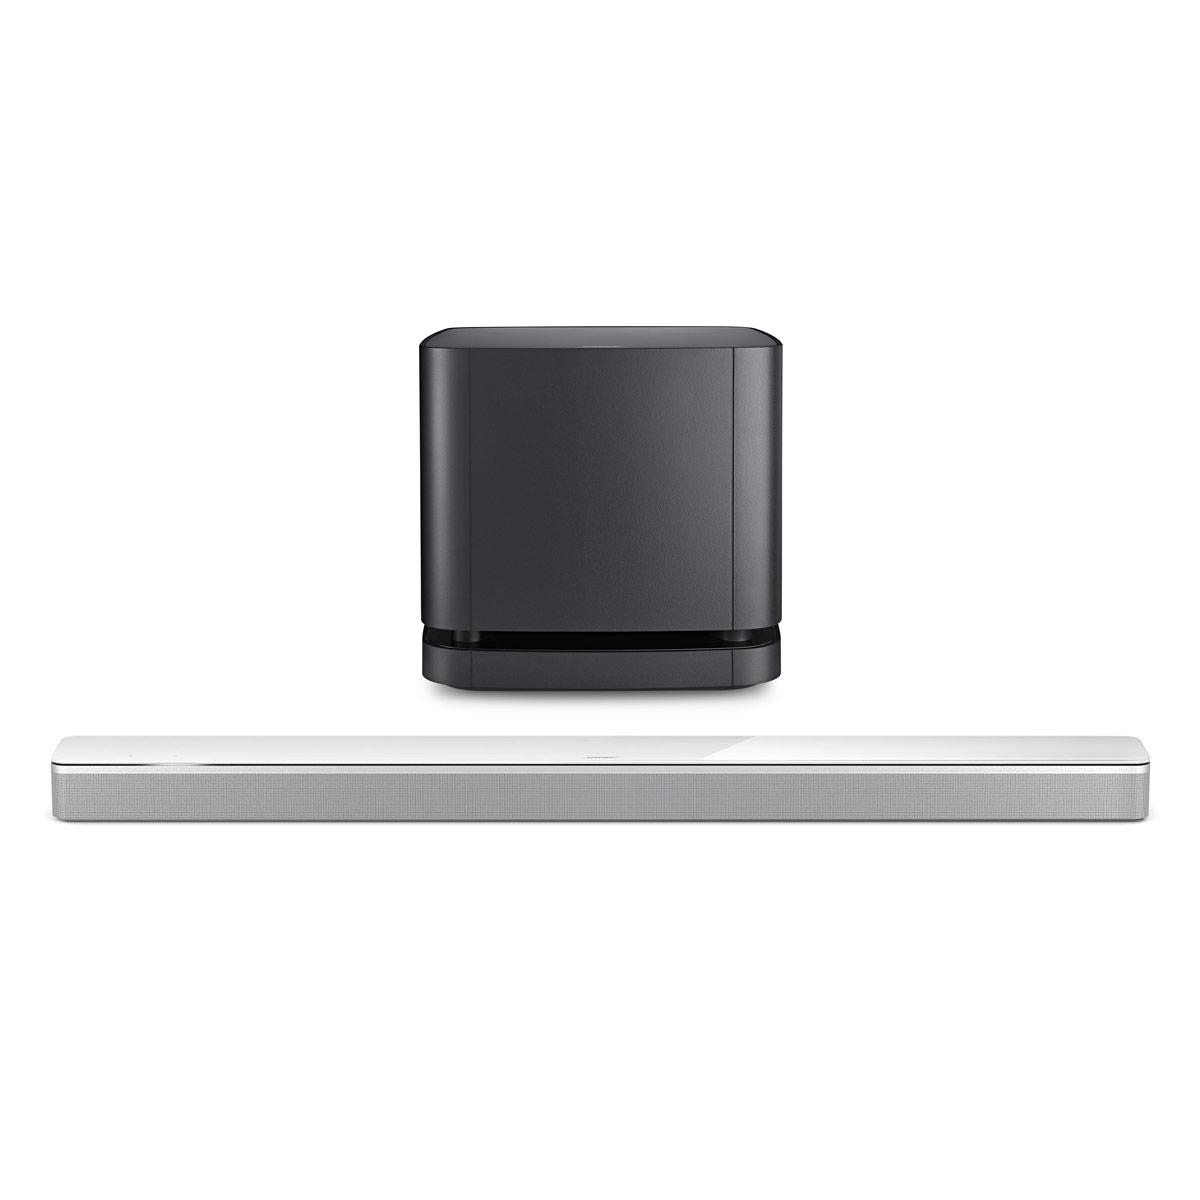 Barre de son Bose Soundbar 700 Arctique + Bass Module 500 Noir Barre de son multiroom - Bluetooth - Wi-Fi - Amazon Alexa - Spotify/Deezer - Autocalibration - Télécommande universelle + Module de basses sans fil